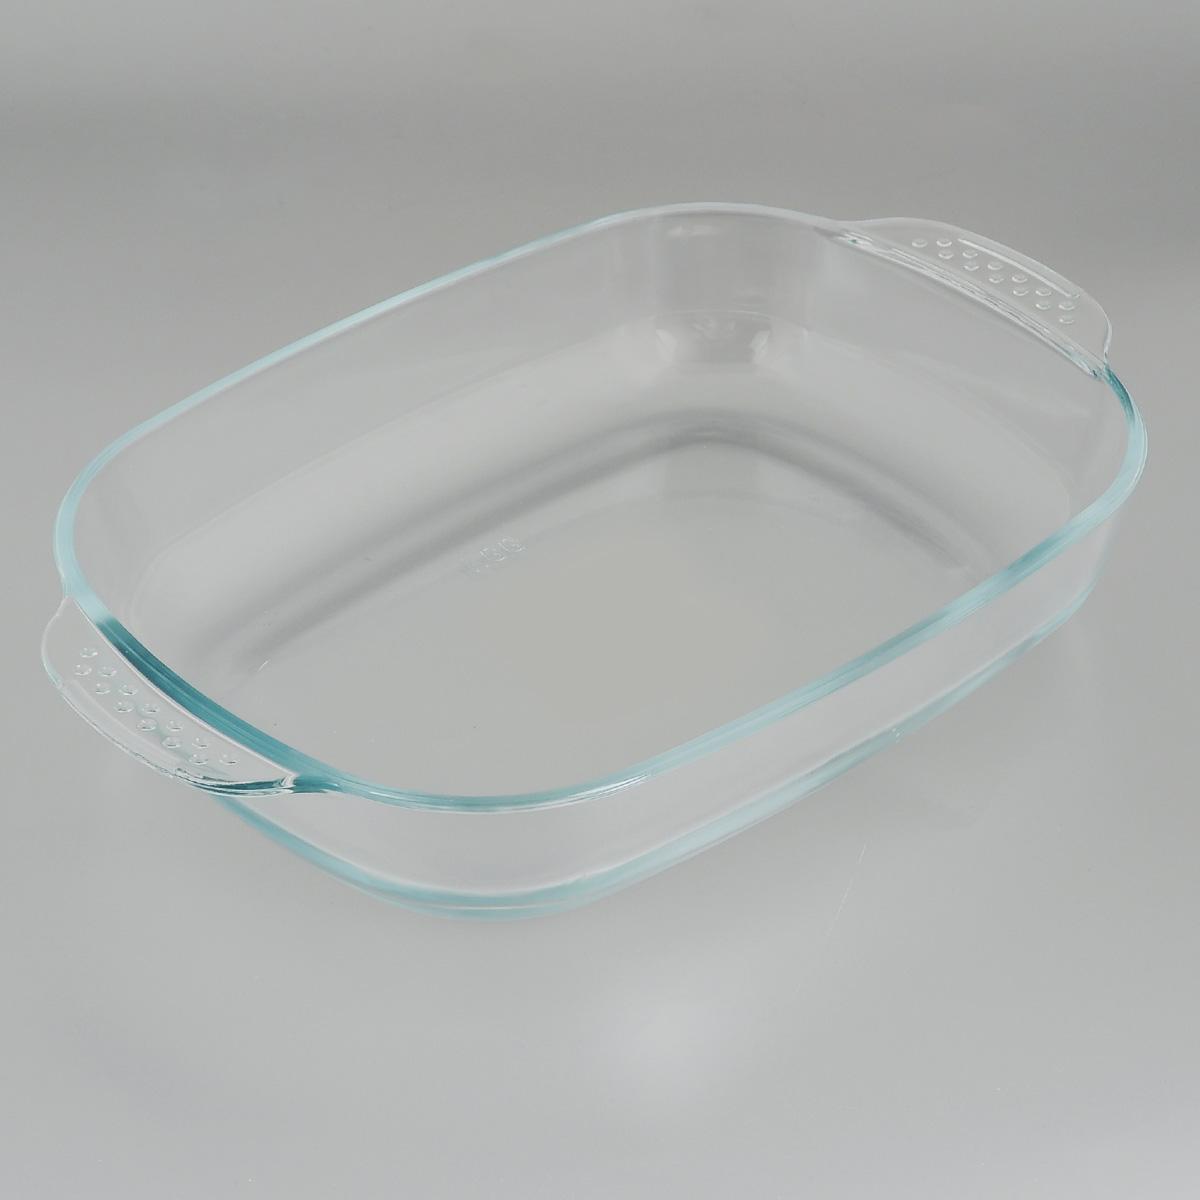 Форма для запекания Mijotex, прямоугольная, 34 х 22 смPLH5Прямоугольная форма для запекания Mijotex изготовлена из жаропрочного стекла, которое выдерживает температуру до +450°С. Форма предназначена для приготовления горячих блюд. Оснащена двумя ручками. Материал изделия гигиеничен, прост в уходе и обладает высокой степенью прочности. Форма идеально подходит для использования в духовках, микроволновых печах, холодильниках и морозильных камерах. Также ее можно использовать на газовых плитах (на слабом огне) и на электроплитах. Можно мыть в посудомоечной машине. Внутренний размер формы: 29 см х 22 см. Внешний размер формы (с учетом ручек): 34 см х 22 см. Высота стенки формы: 6 см.